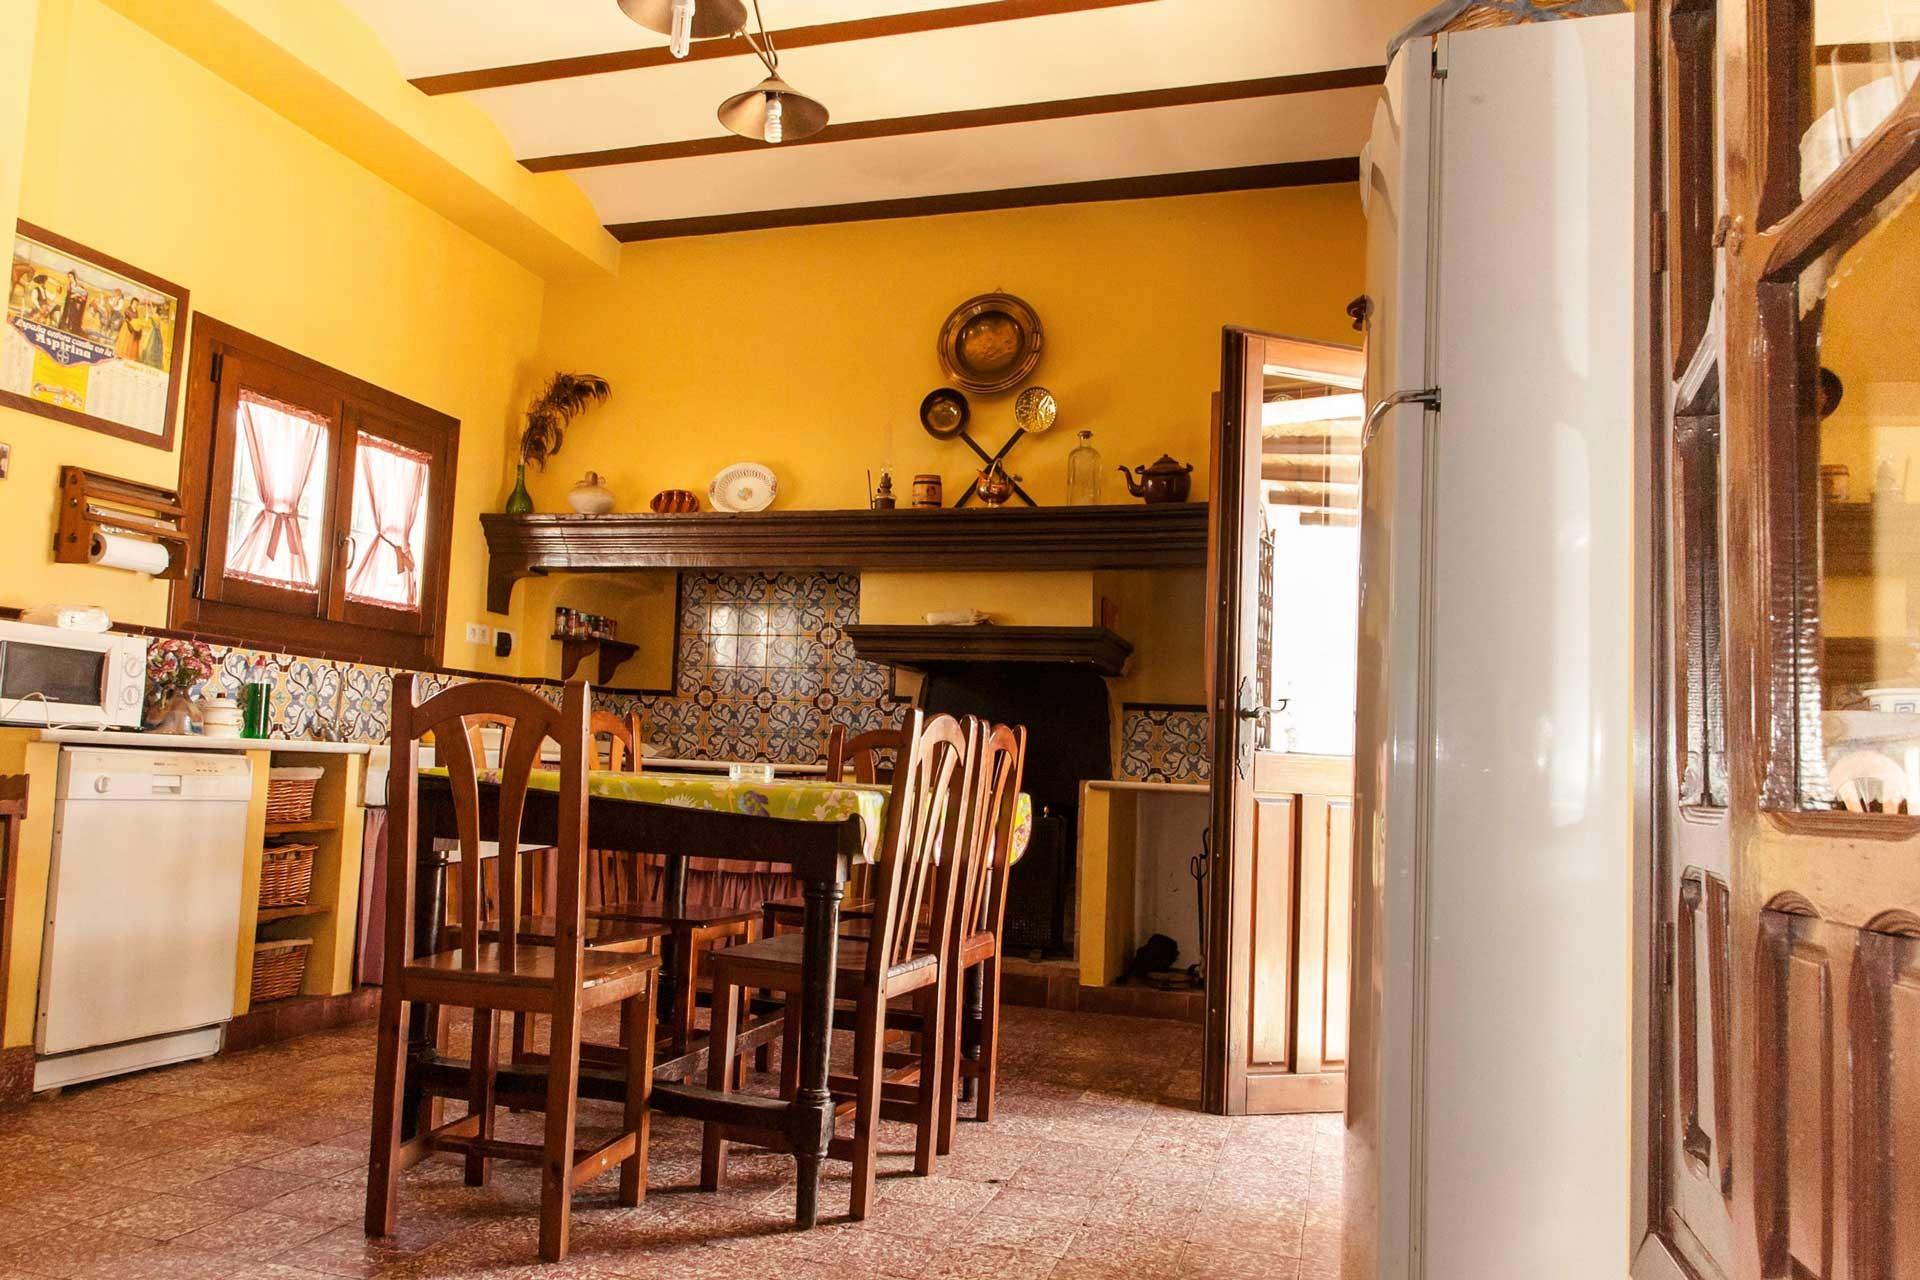 Instalaciones casa rural casa de vacaciones la zaranda - Cocinar en la chimenea ...